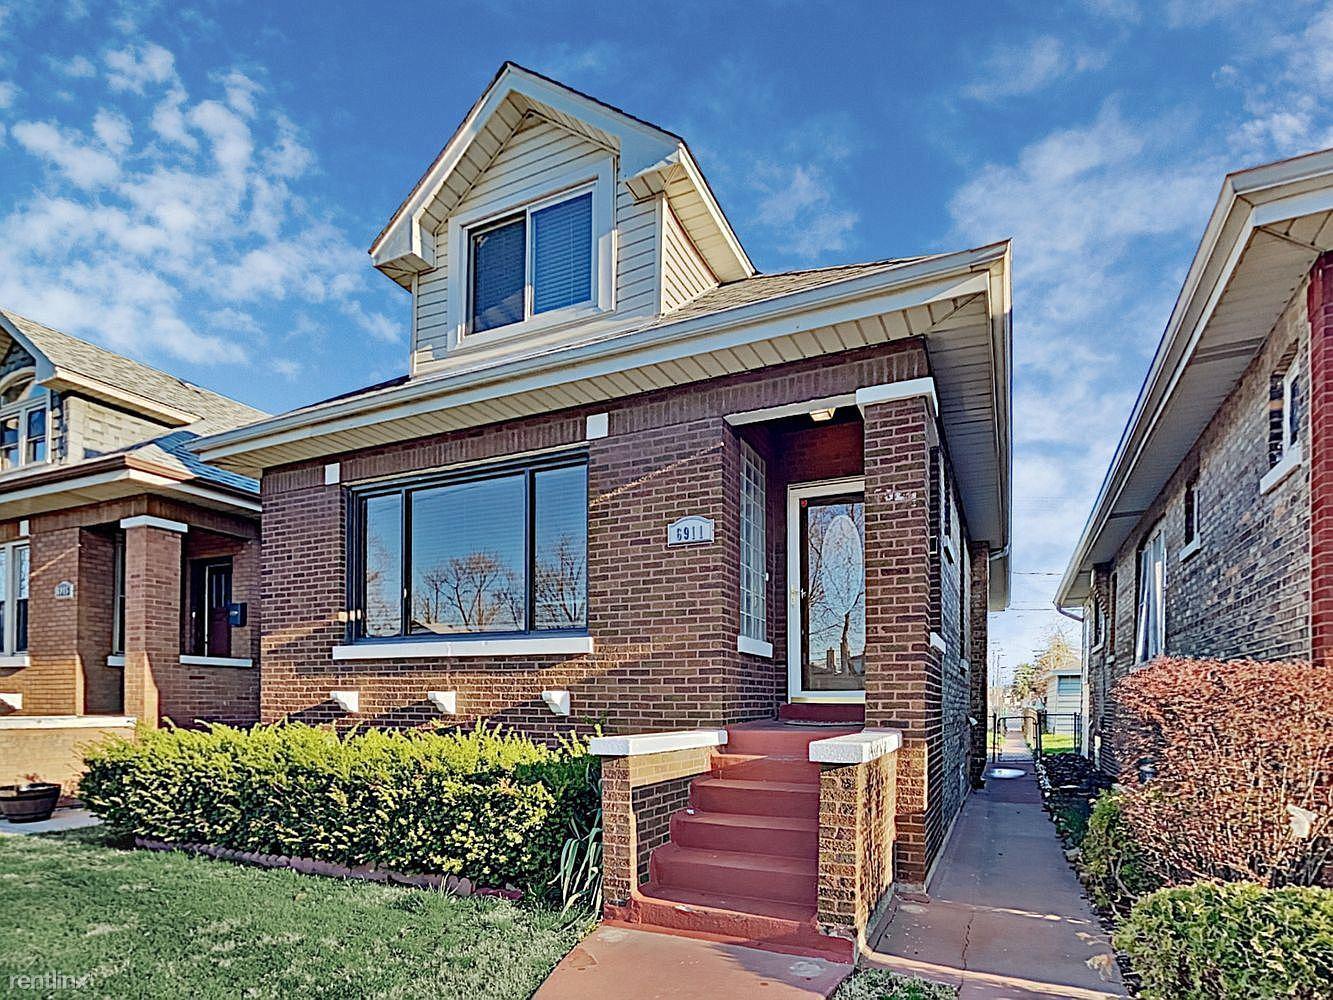 6911 26th St, Berwyn, IL - $1,800 USD/ month